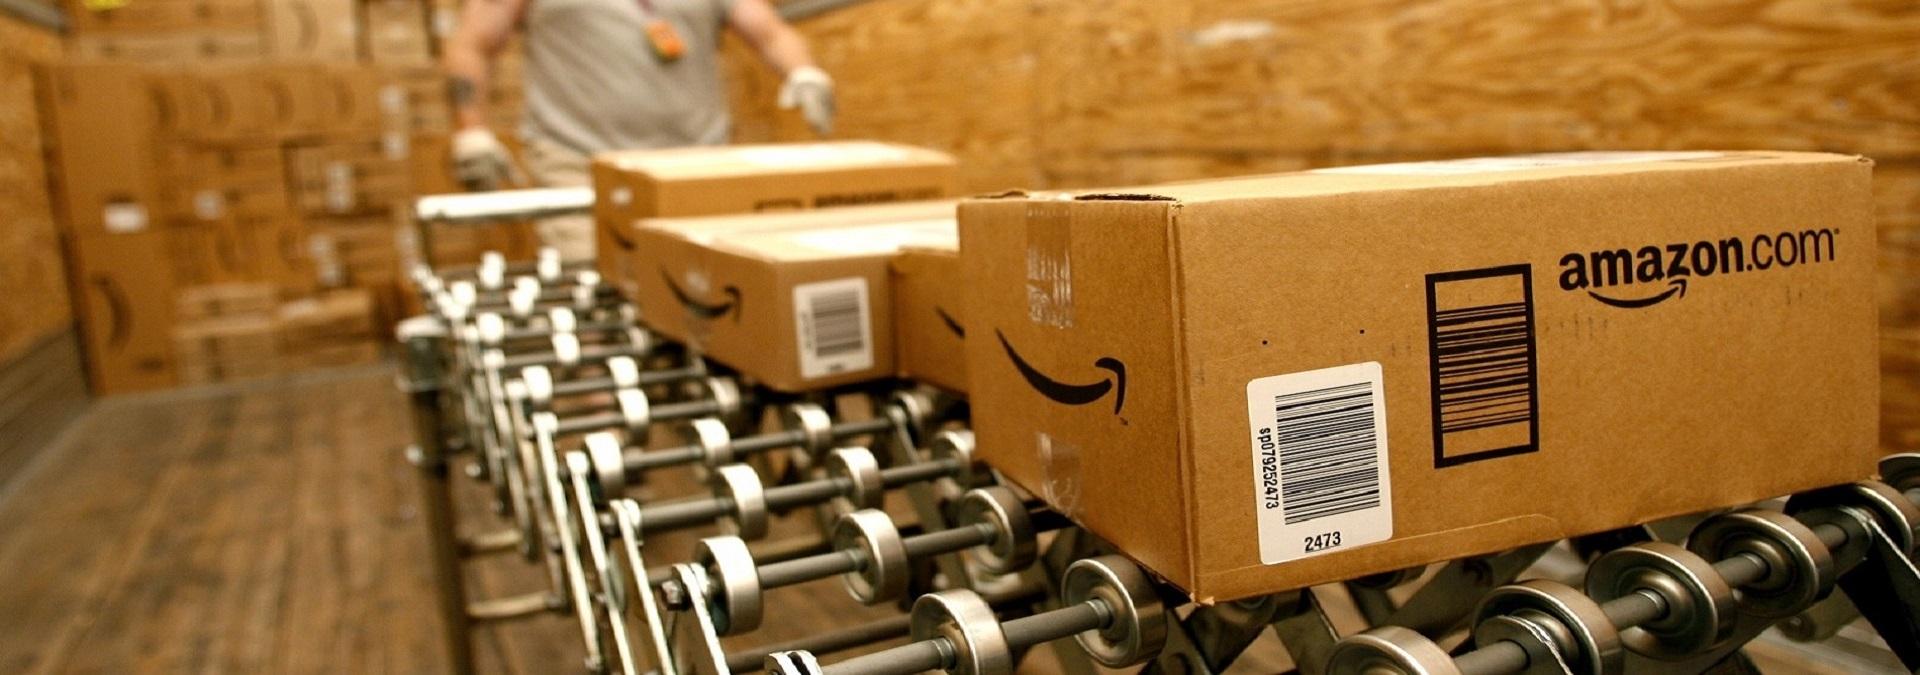 Amazon'da e-ticaret ve e-ihracat, dünya e-ticaret pazarında önemli bir yer tutuyor.